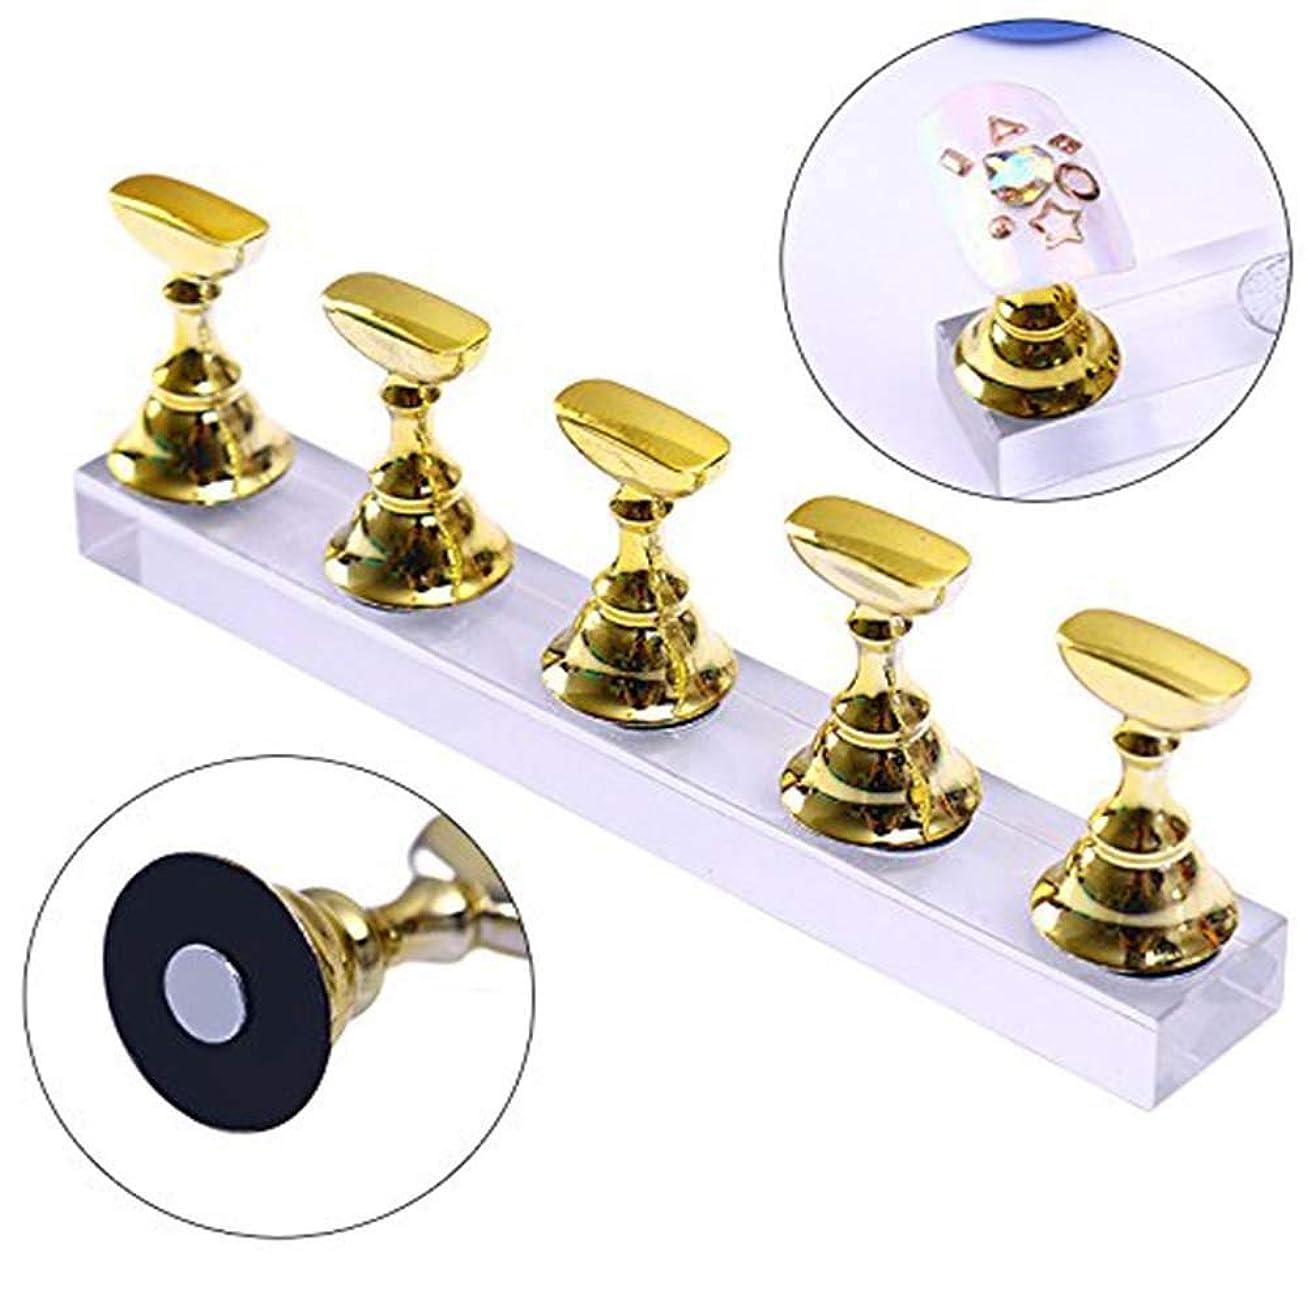 カカドゥ同情犠牲ネイルチップディスプレイスタンドセット ネイルチップホルダー ネイルアート用品サロン用品 磁気 ネイルアート 5本セット (ゴールド)